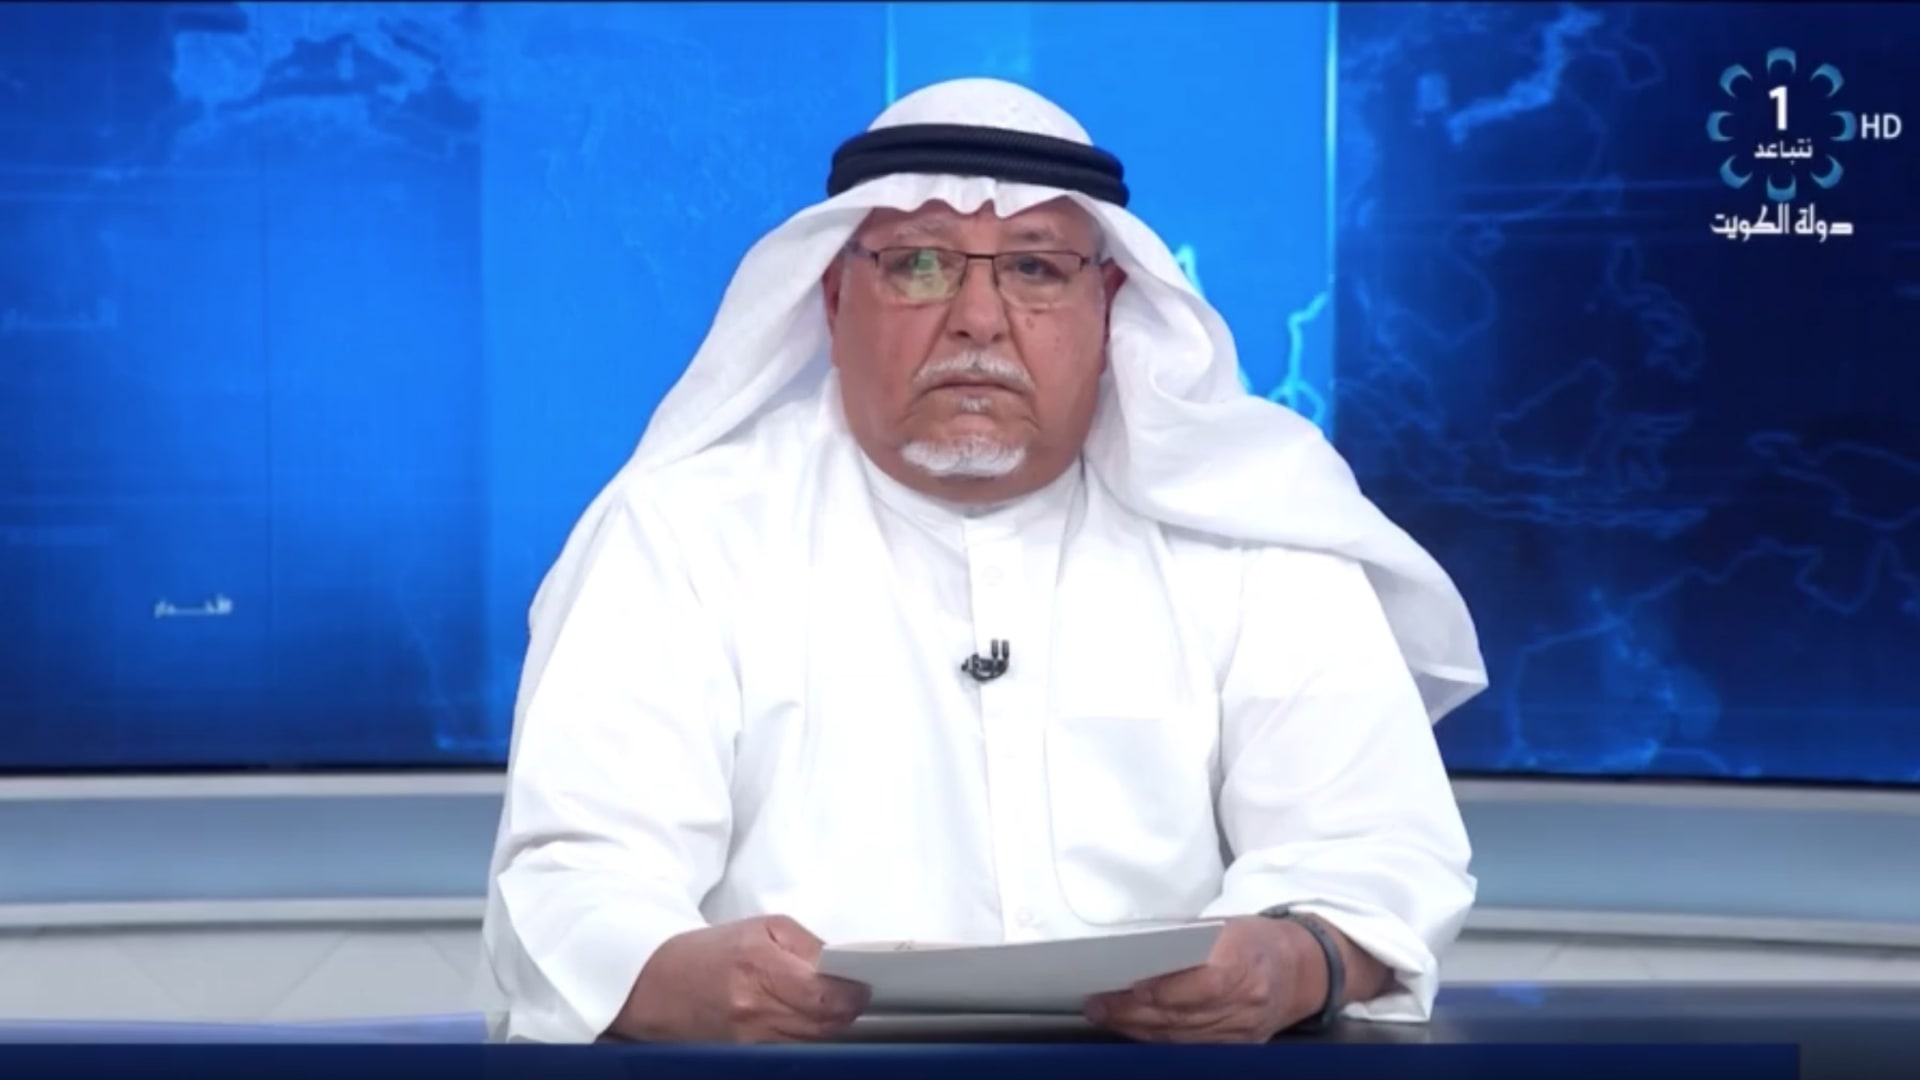 شاهد.. لحظة إعلان وفاة أمير الكويت الشيخ صباح الأحمد الجابر الصباح